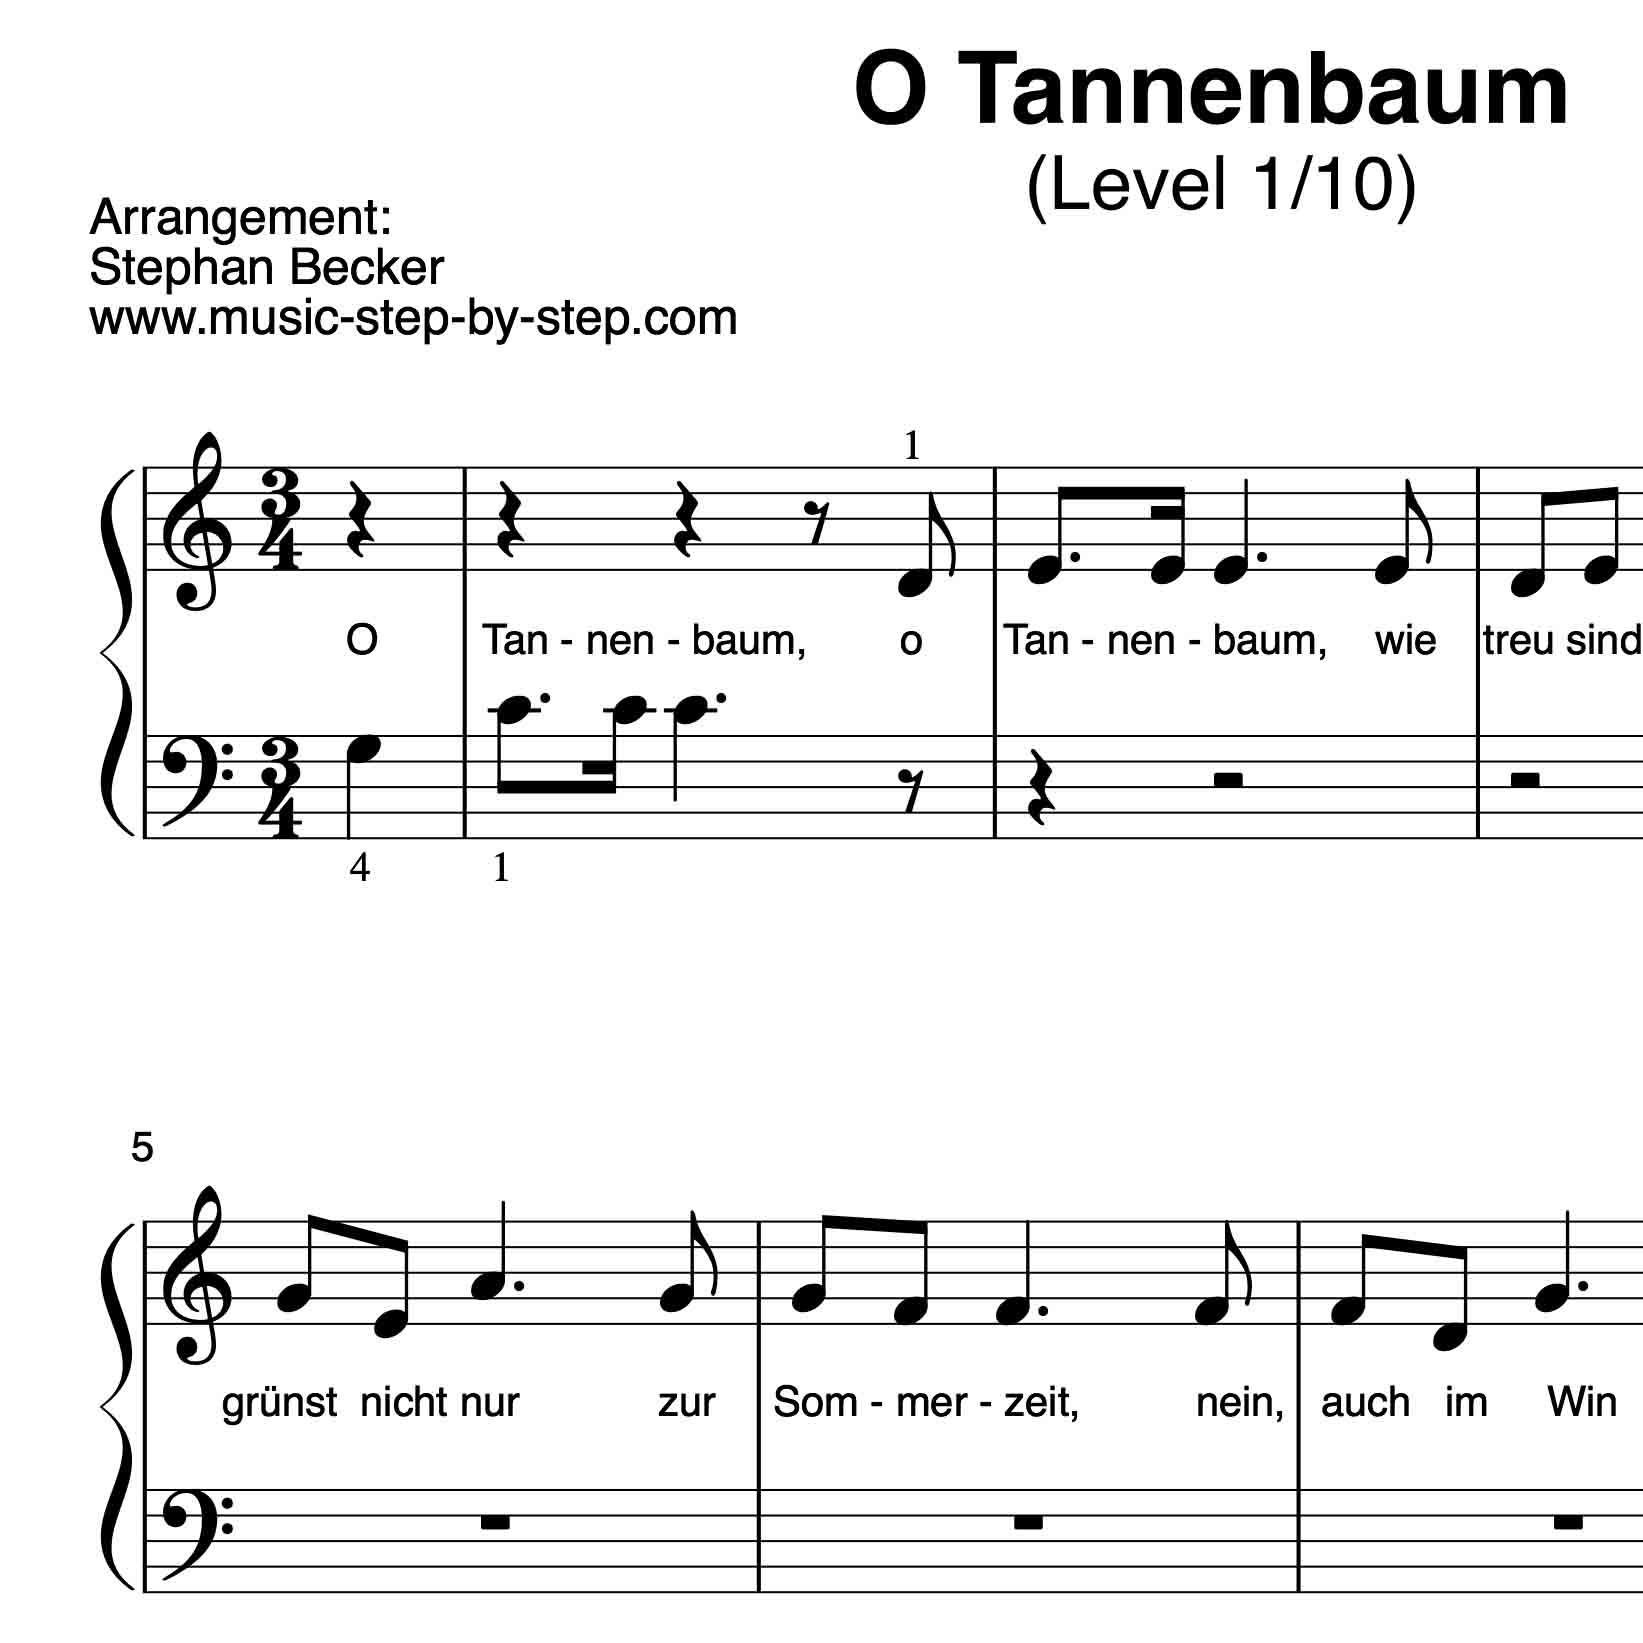 Noten Oh Tannenbaum.O Tannenbaum Für Klavier Level 1 10 Inkl Aufnahme Und Text